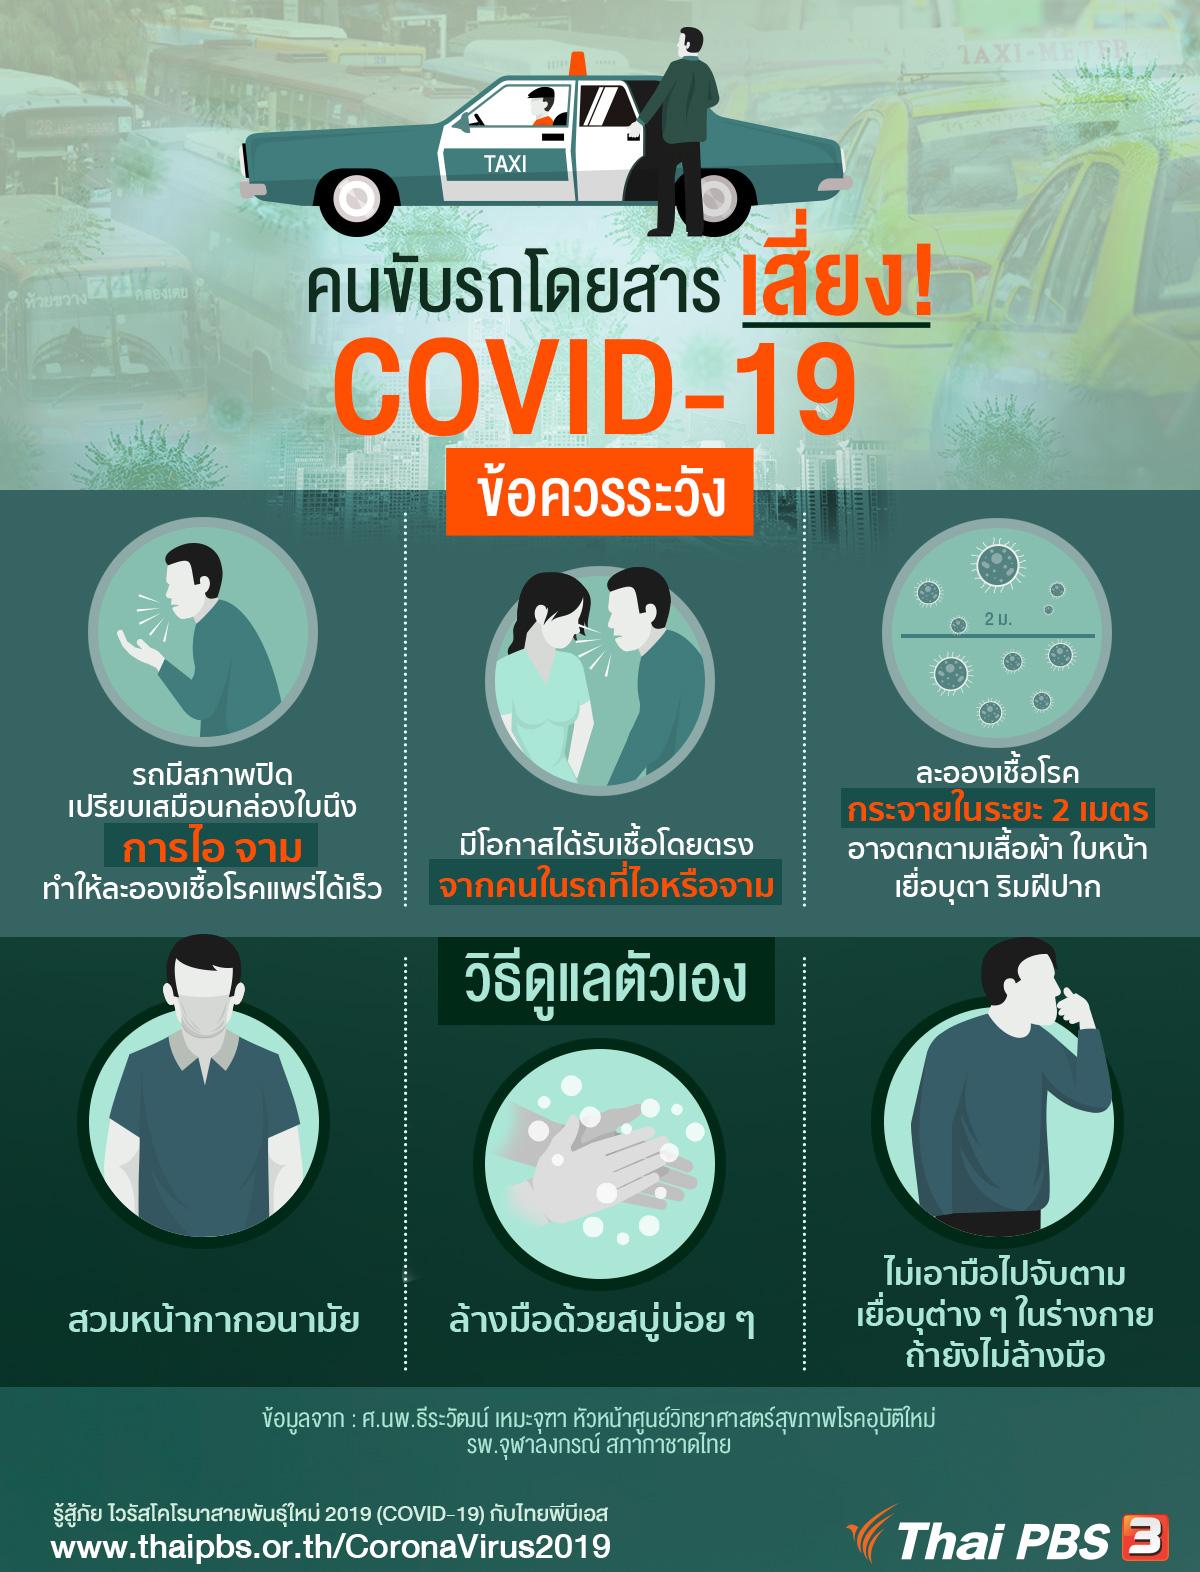 คนขับรถโดยสารเสี่ยง COVID-19